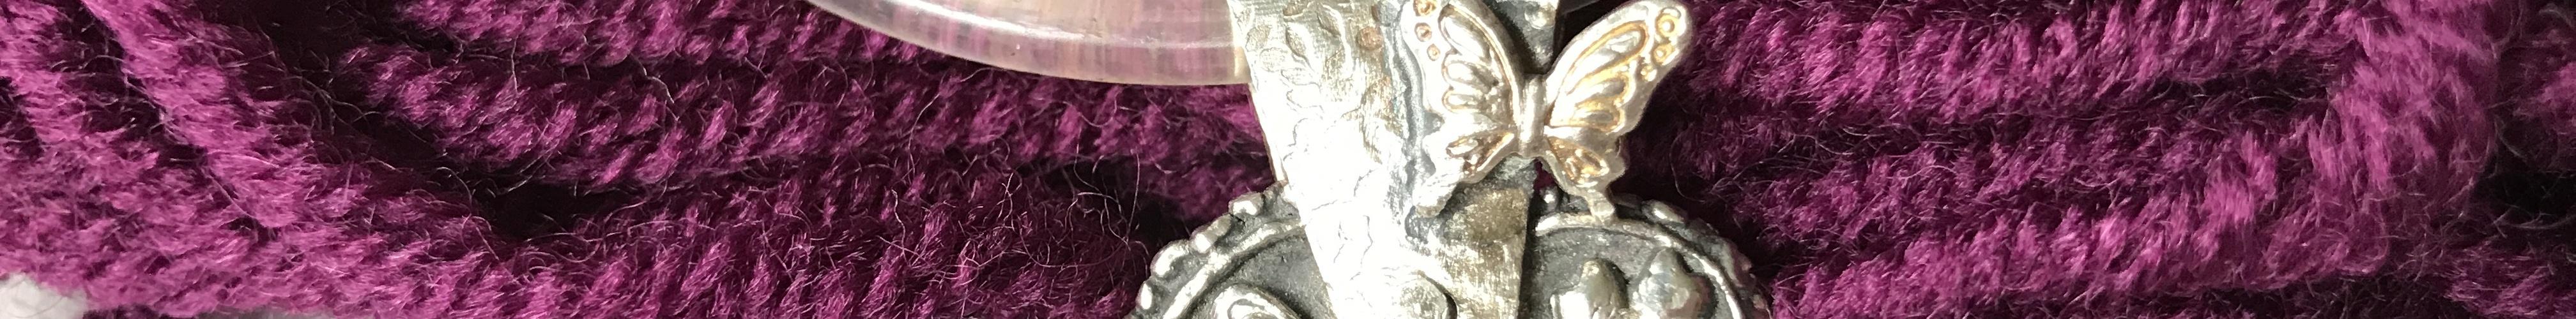 Metalclay Schmetterlingsherz